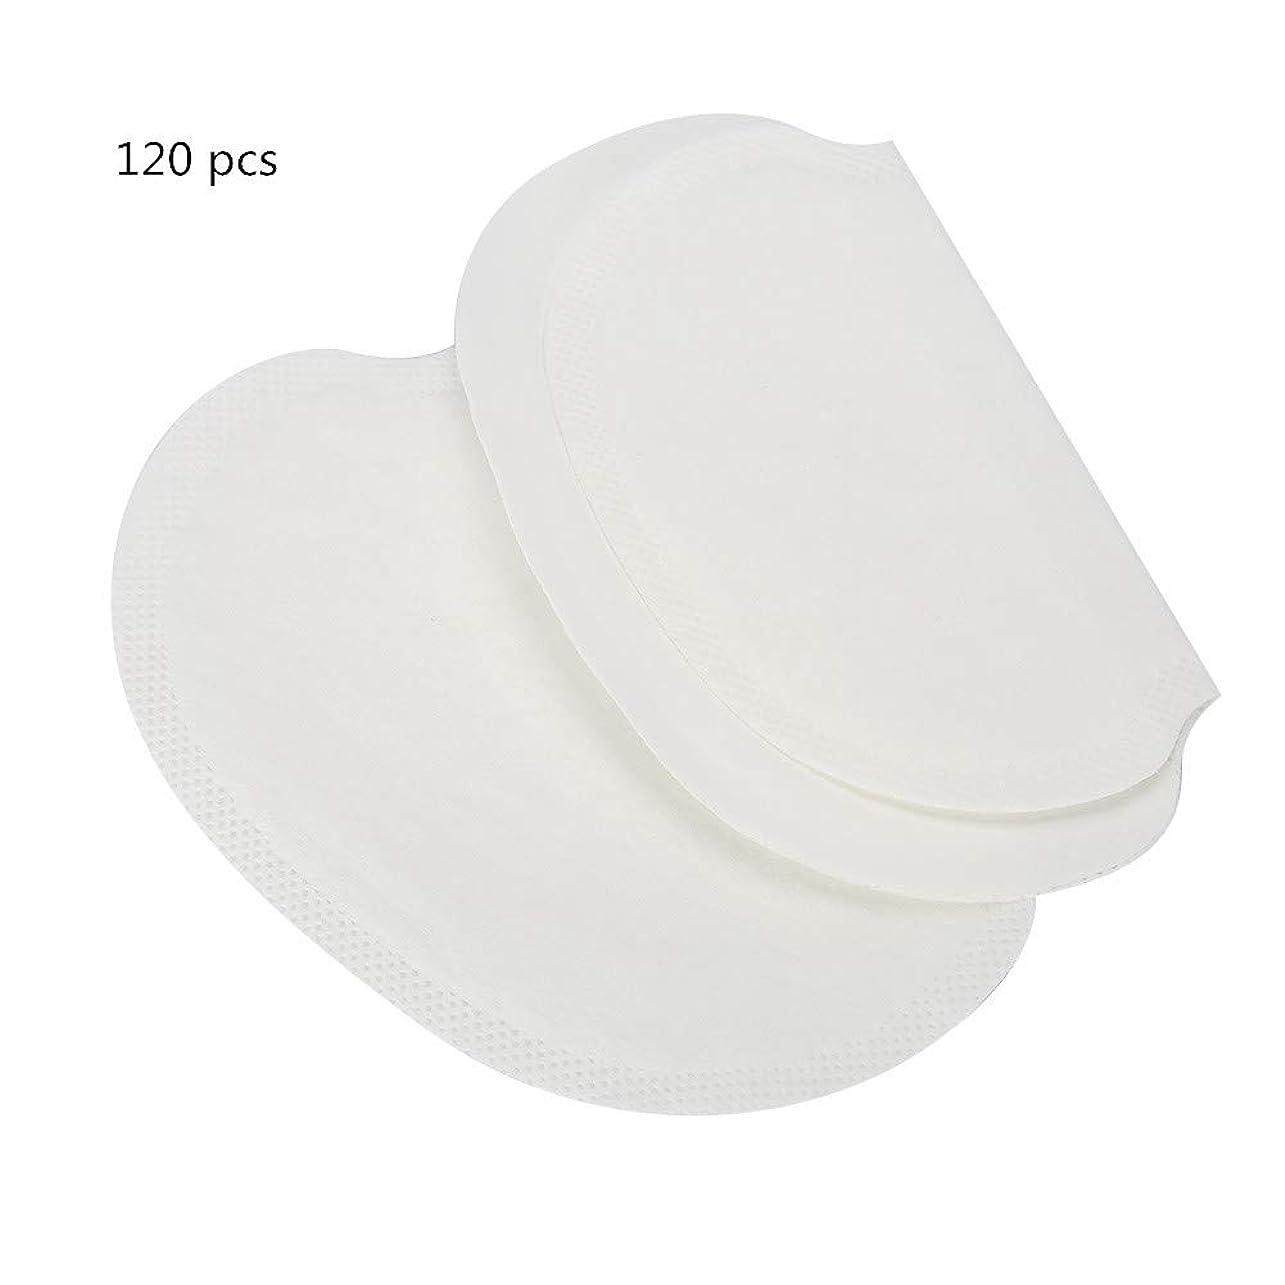 単独で蜜成果使い捨て脇の下の汗用の吸収パッド、脇の下のための汗止め、男性用および女性用、ソフト/高吸収性/無臭 120個